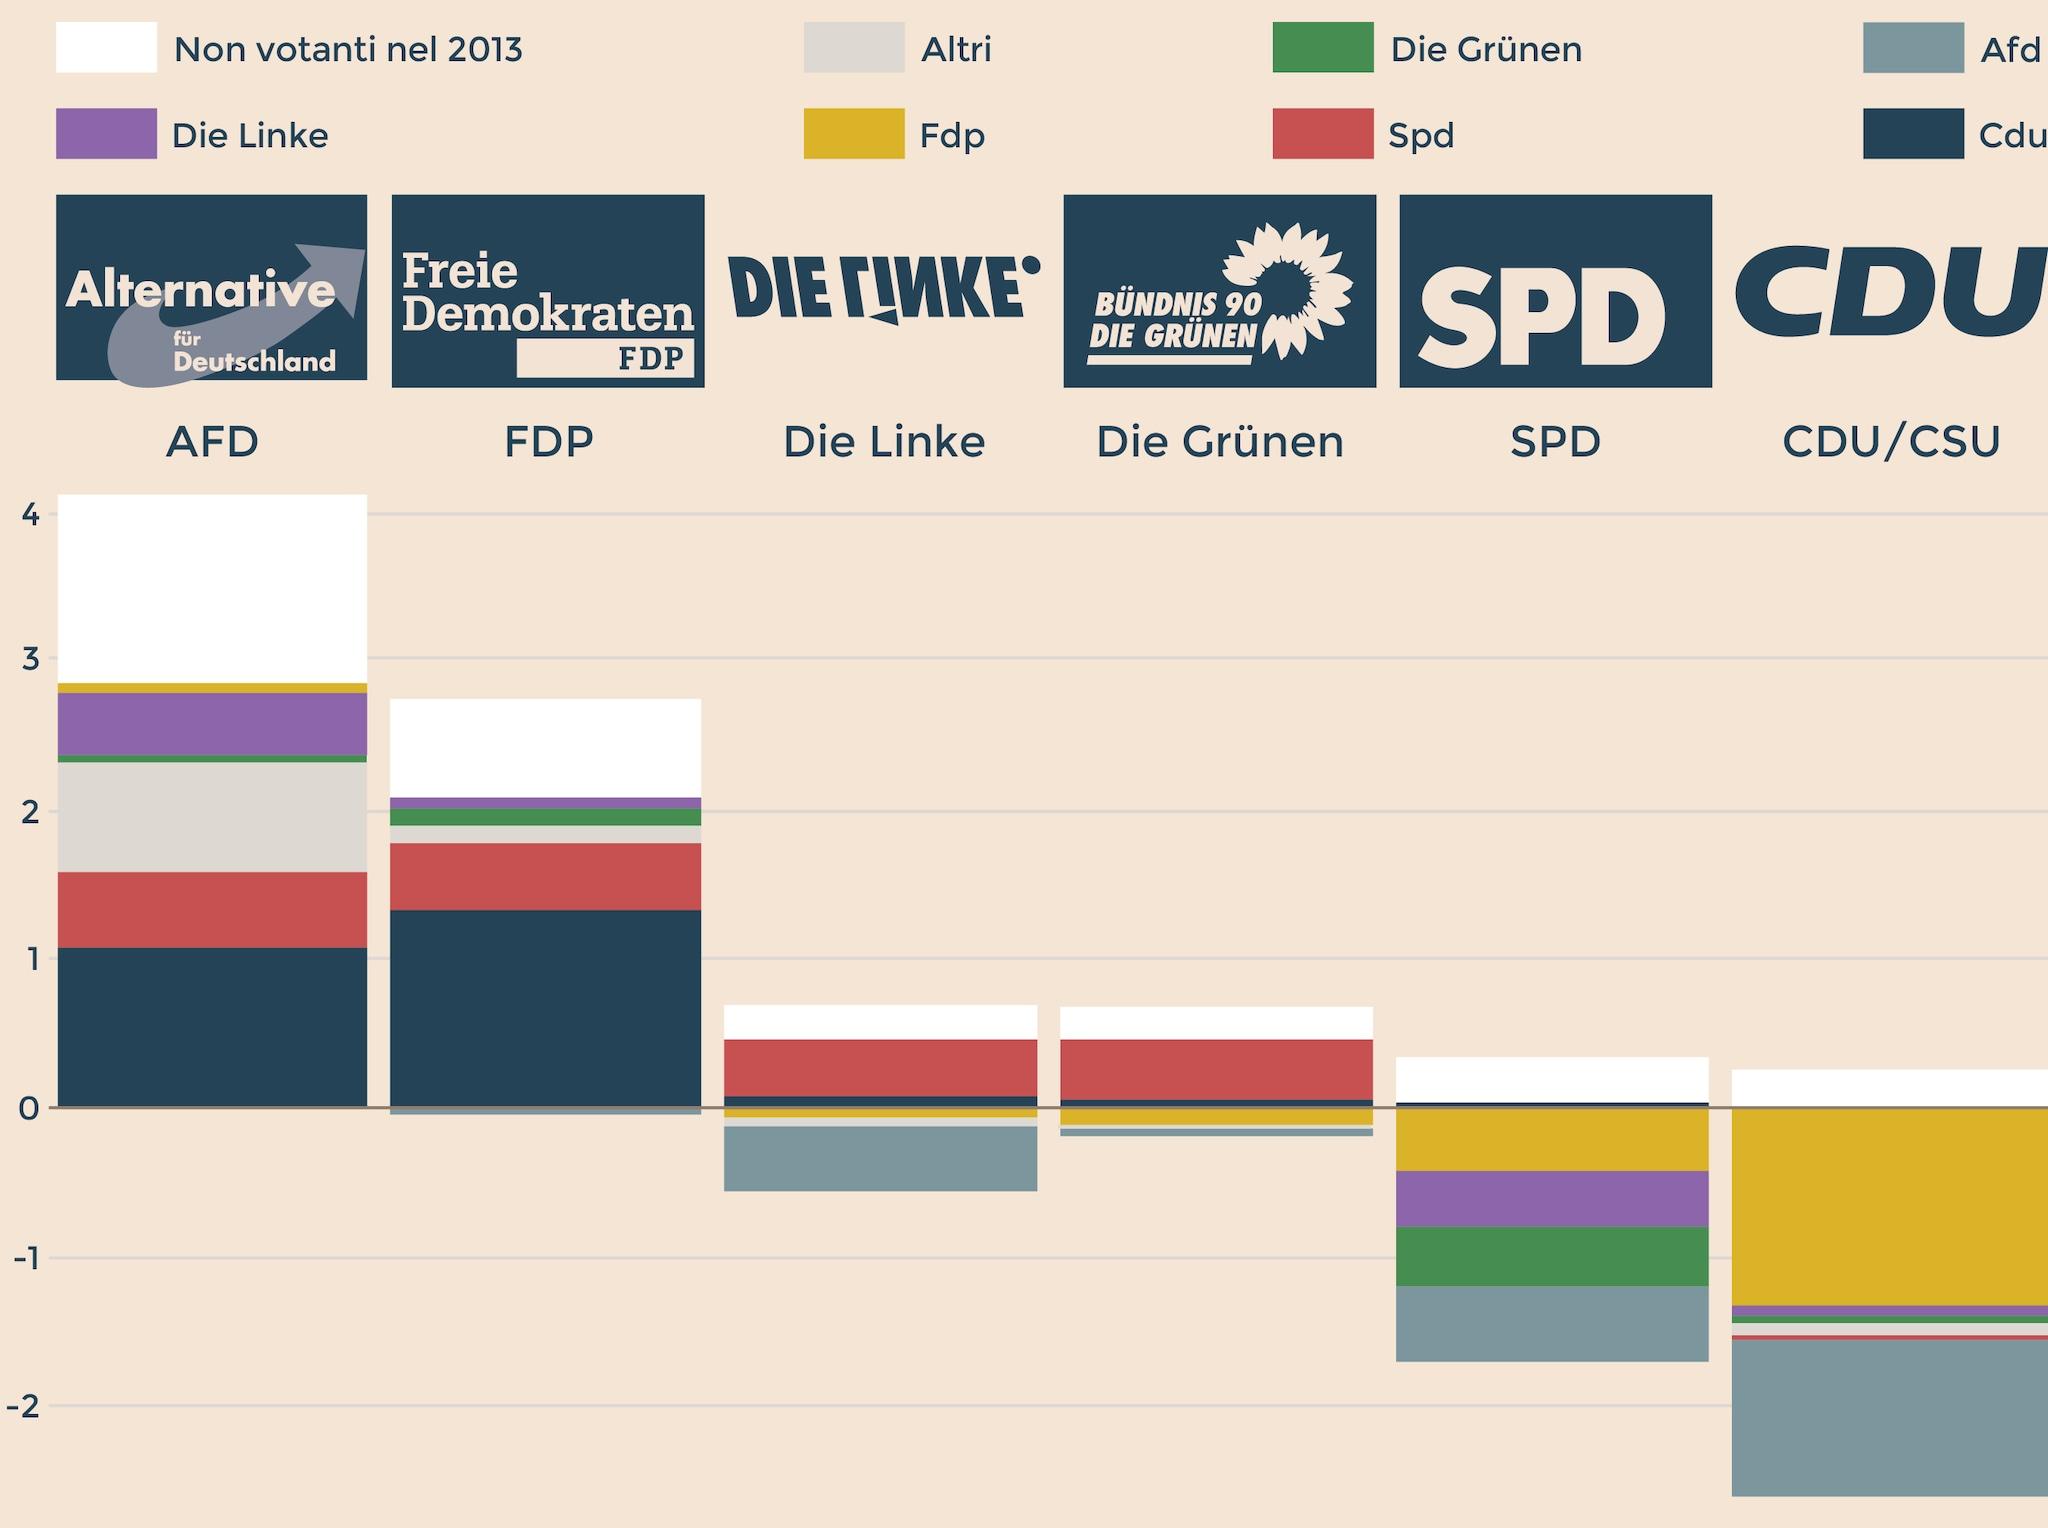 COME SI SONO SPOSTATI I VOTI RISPETTO AL 2013